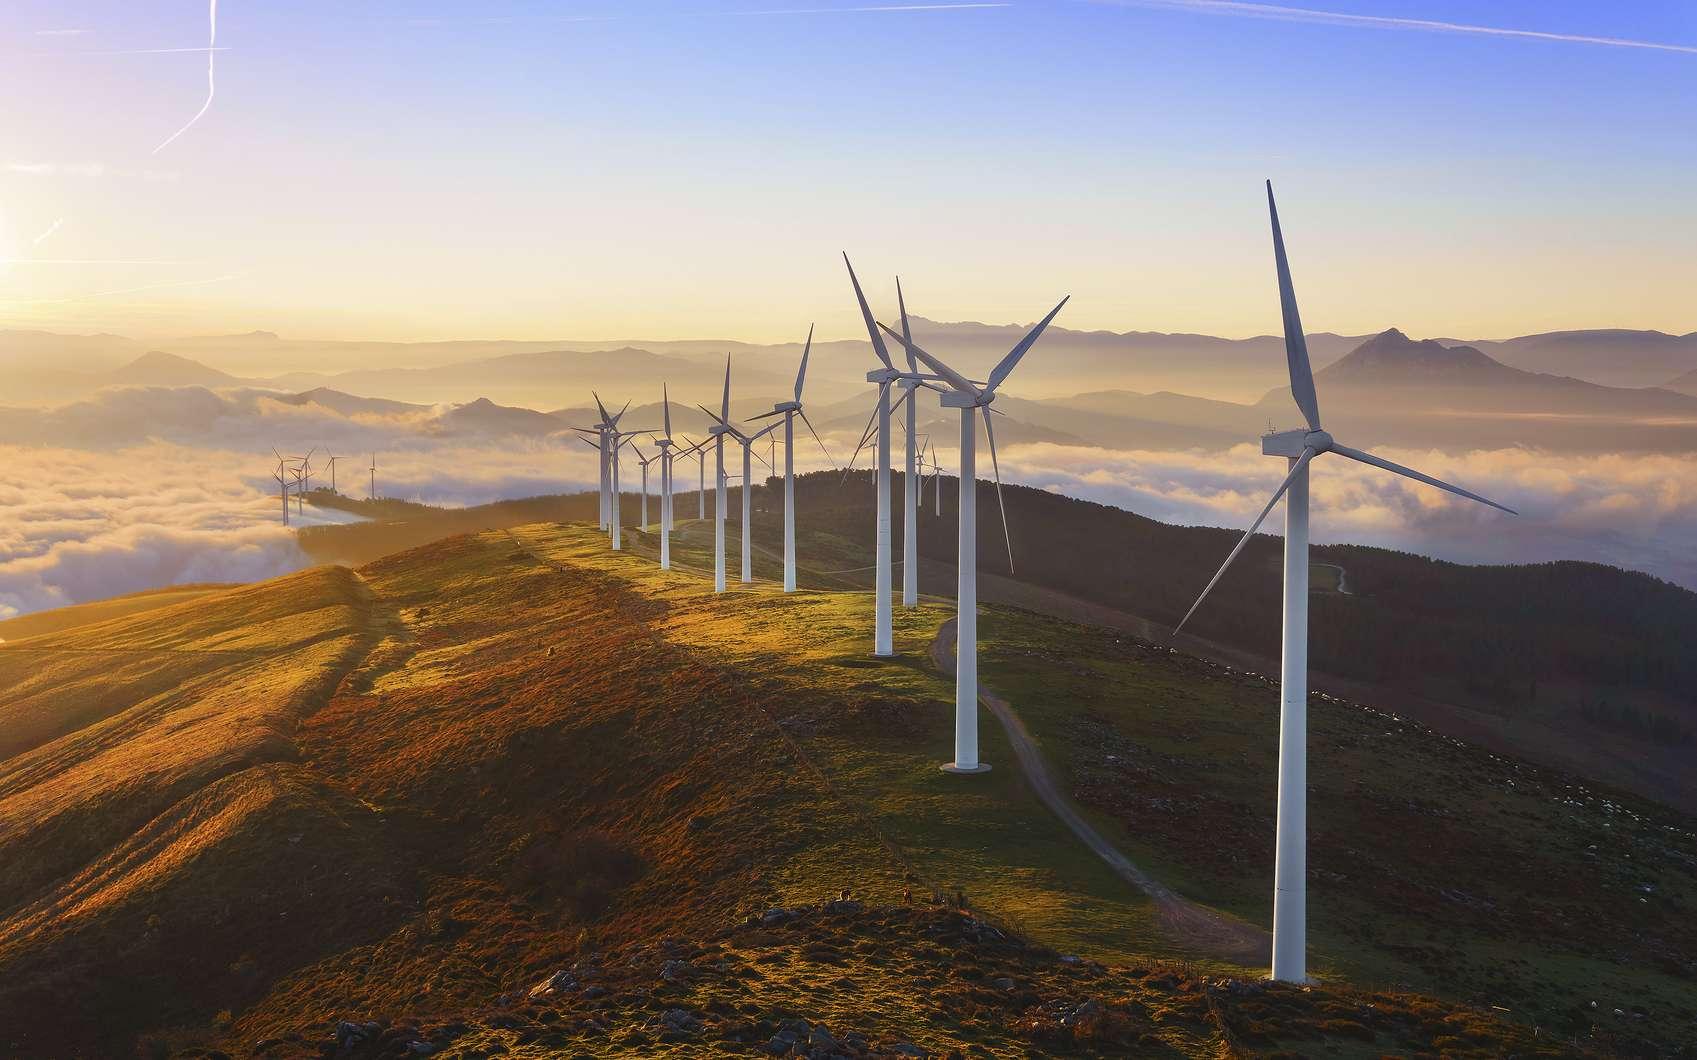 L'énorme potentiel des énergies renouvelables pour la santé a été calculé dans une étude. © Mimadeo, Istock.com